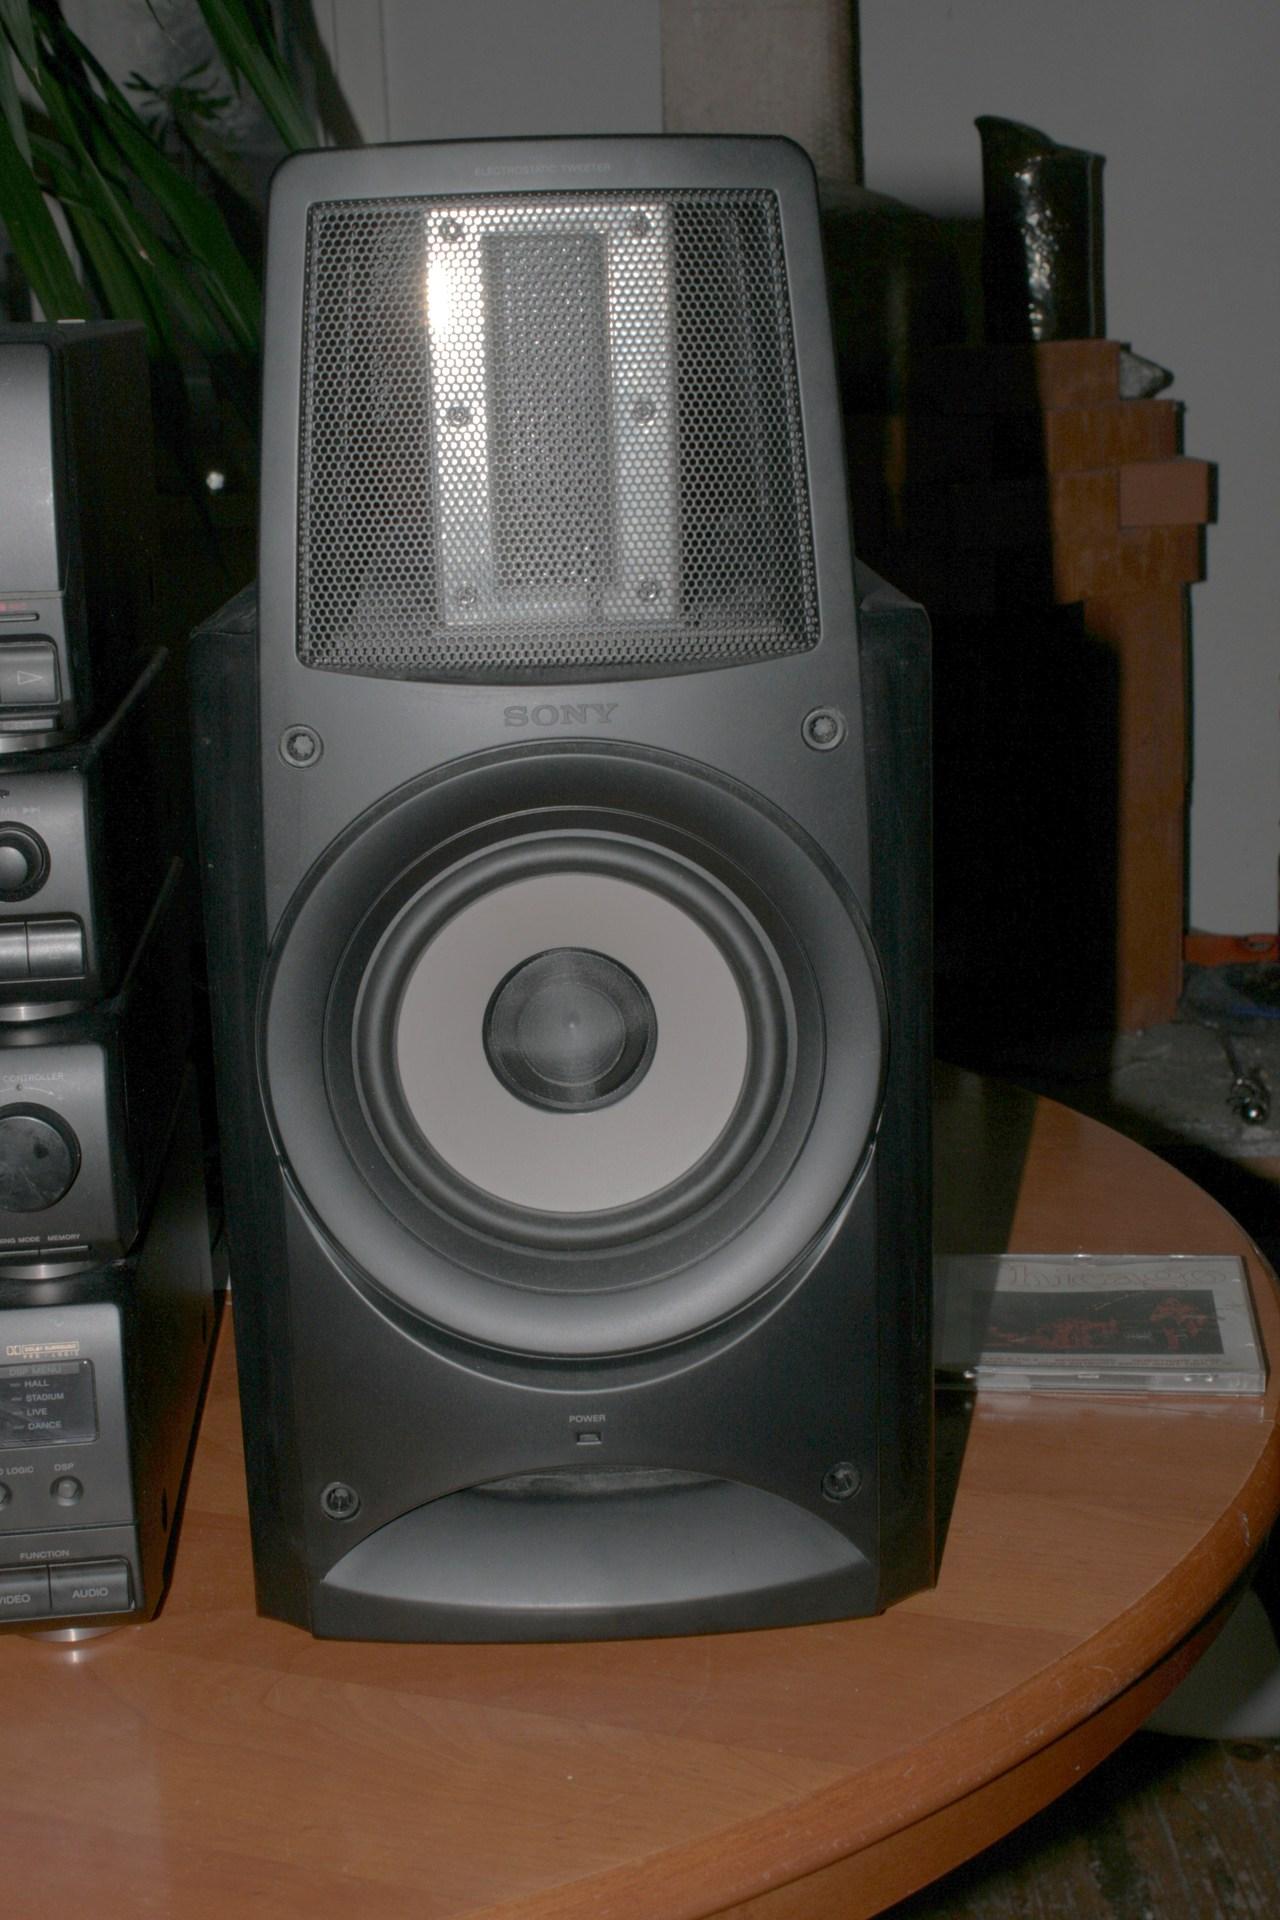 Nett Sony Surround Sound Lautsprecherdrähte Bilder - Elektrische ...